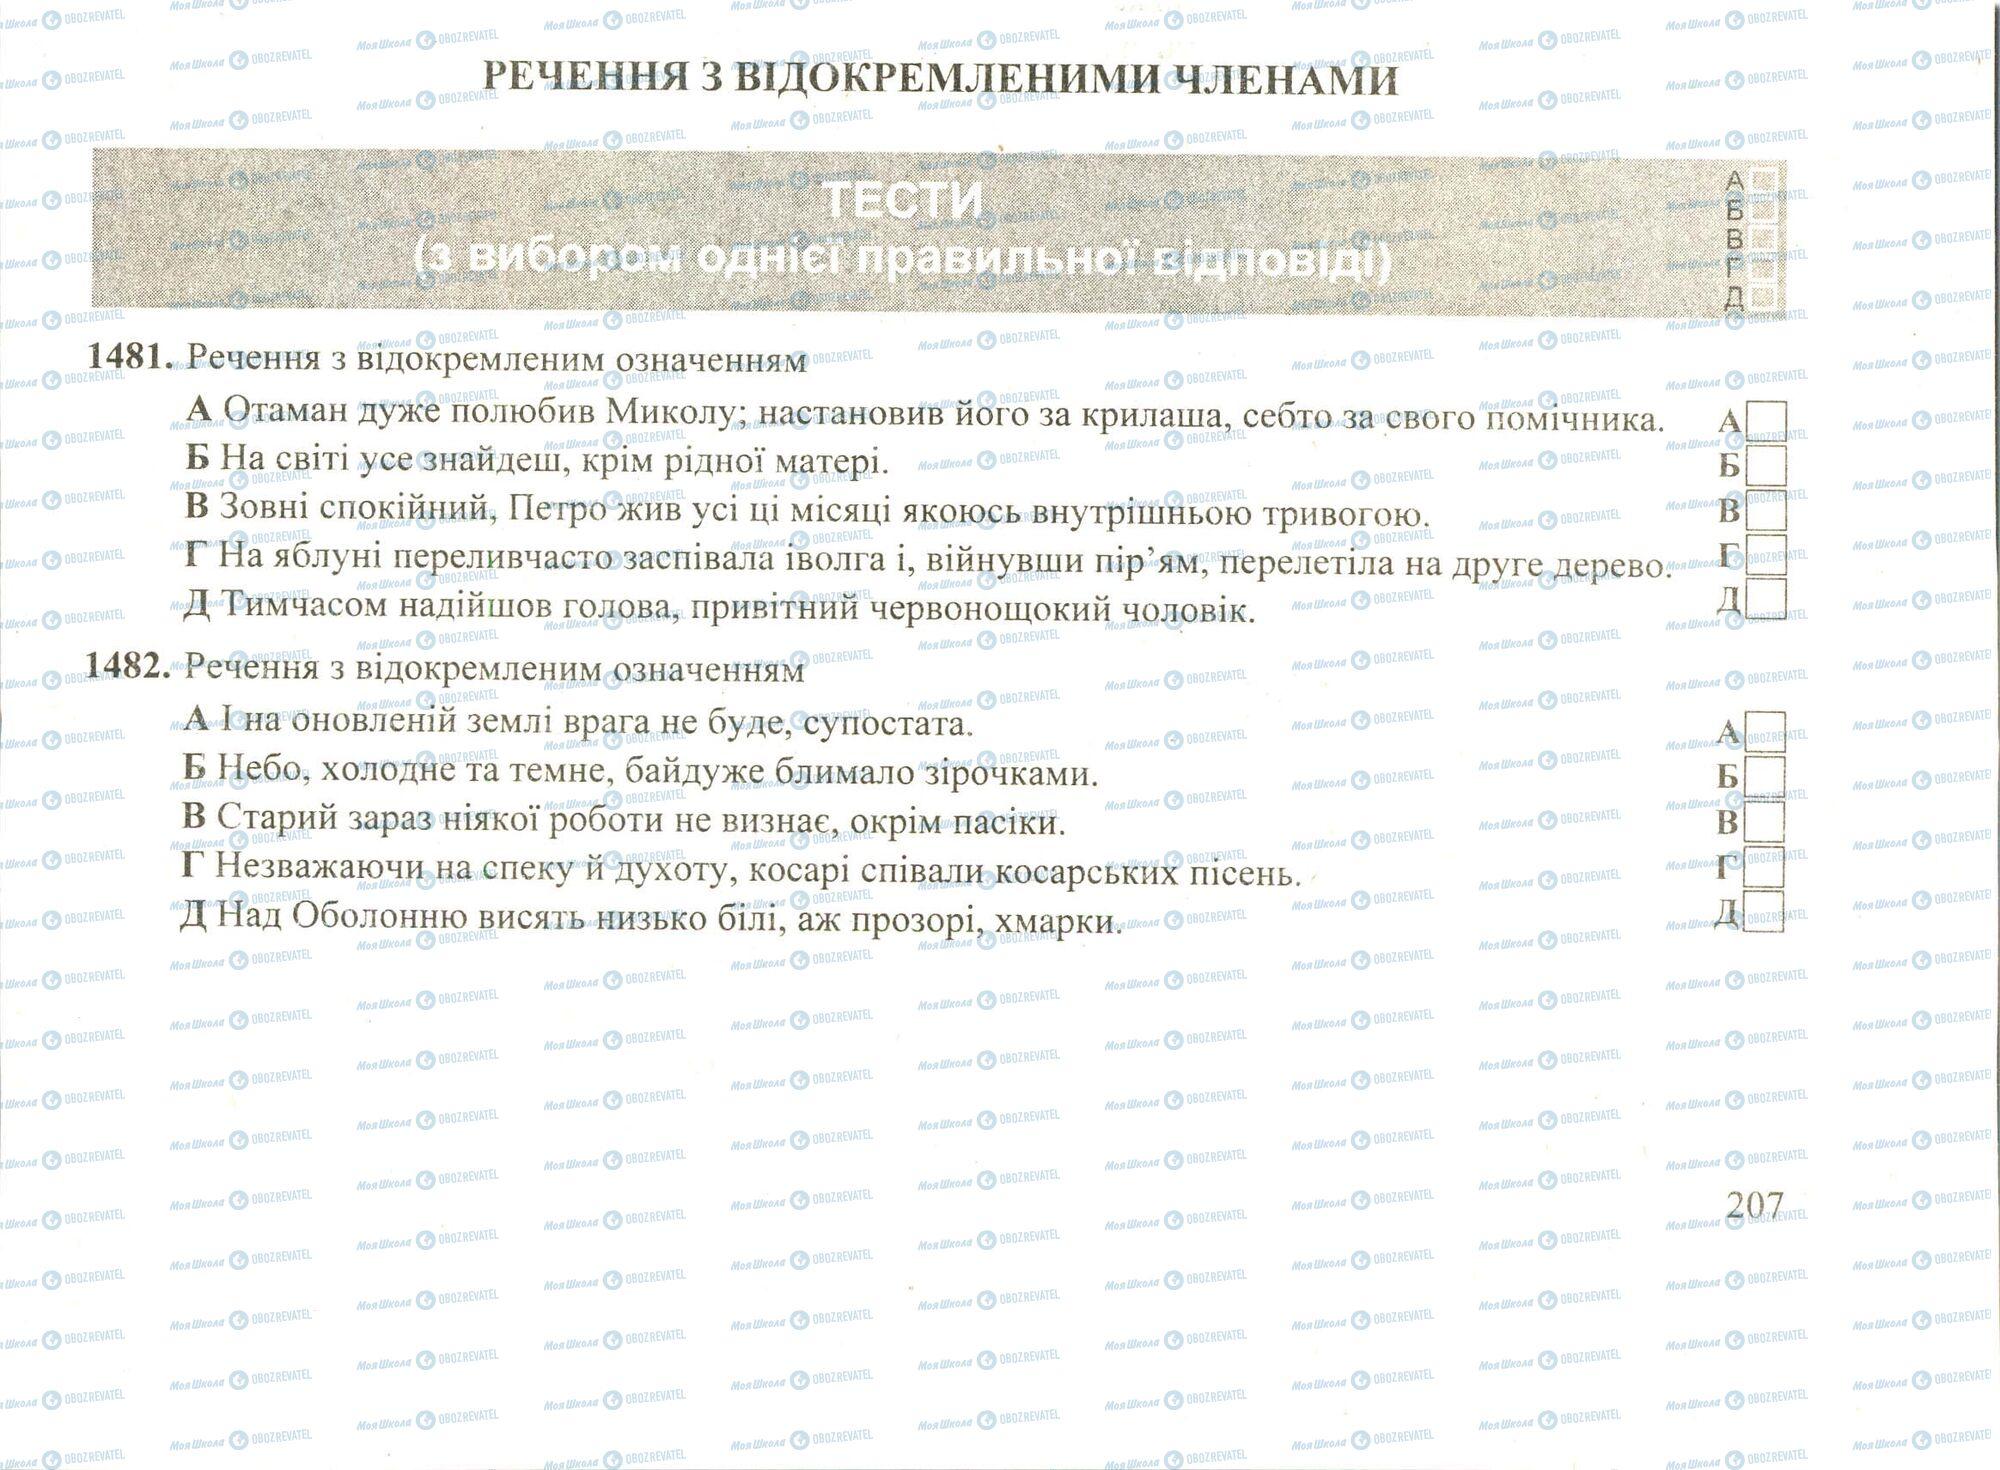 ЗНО Укр мова 11 класс страница 1481-1482